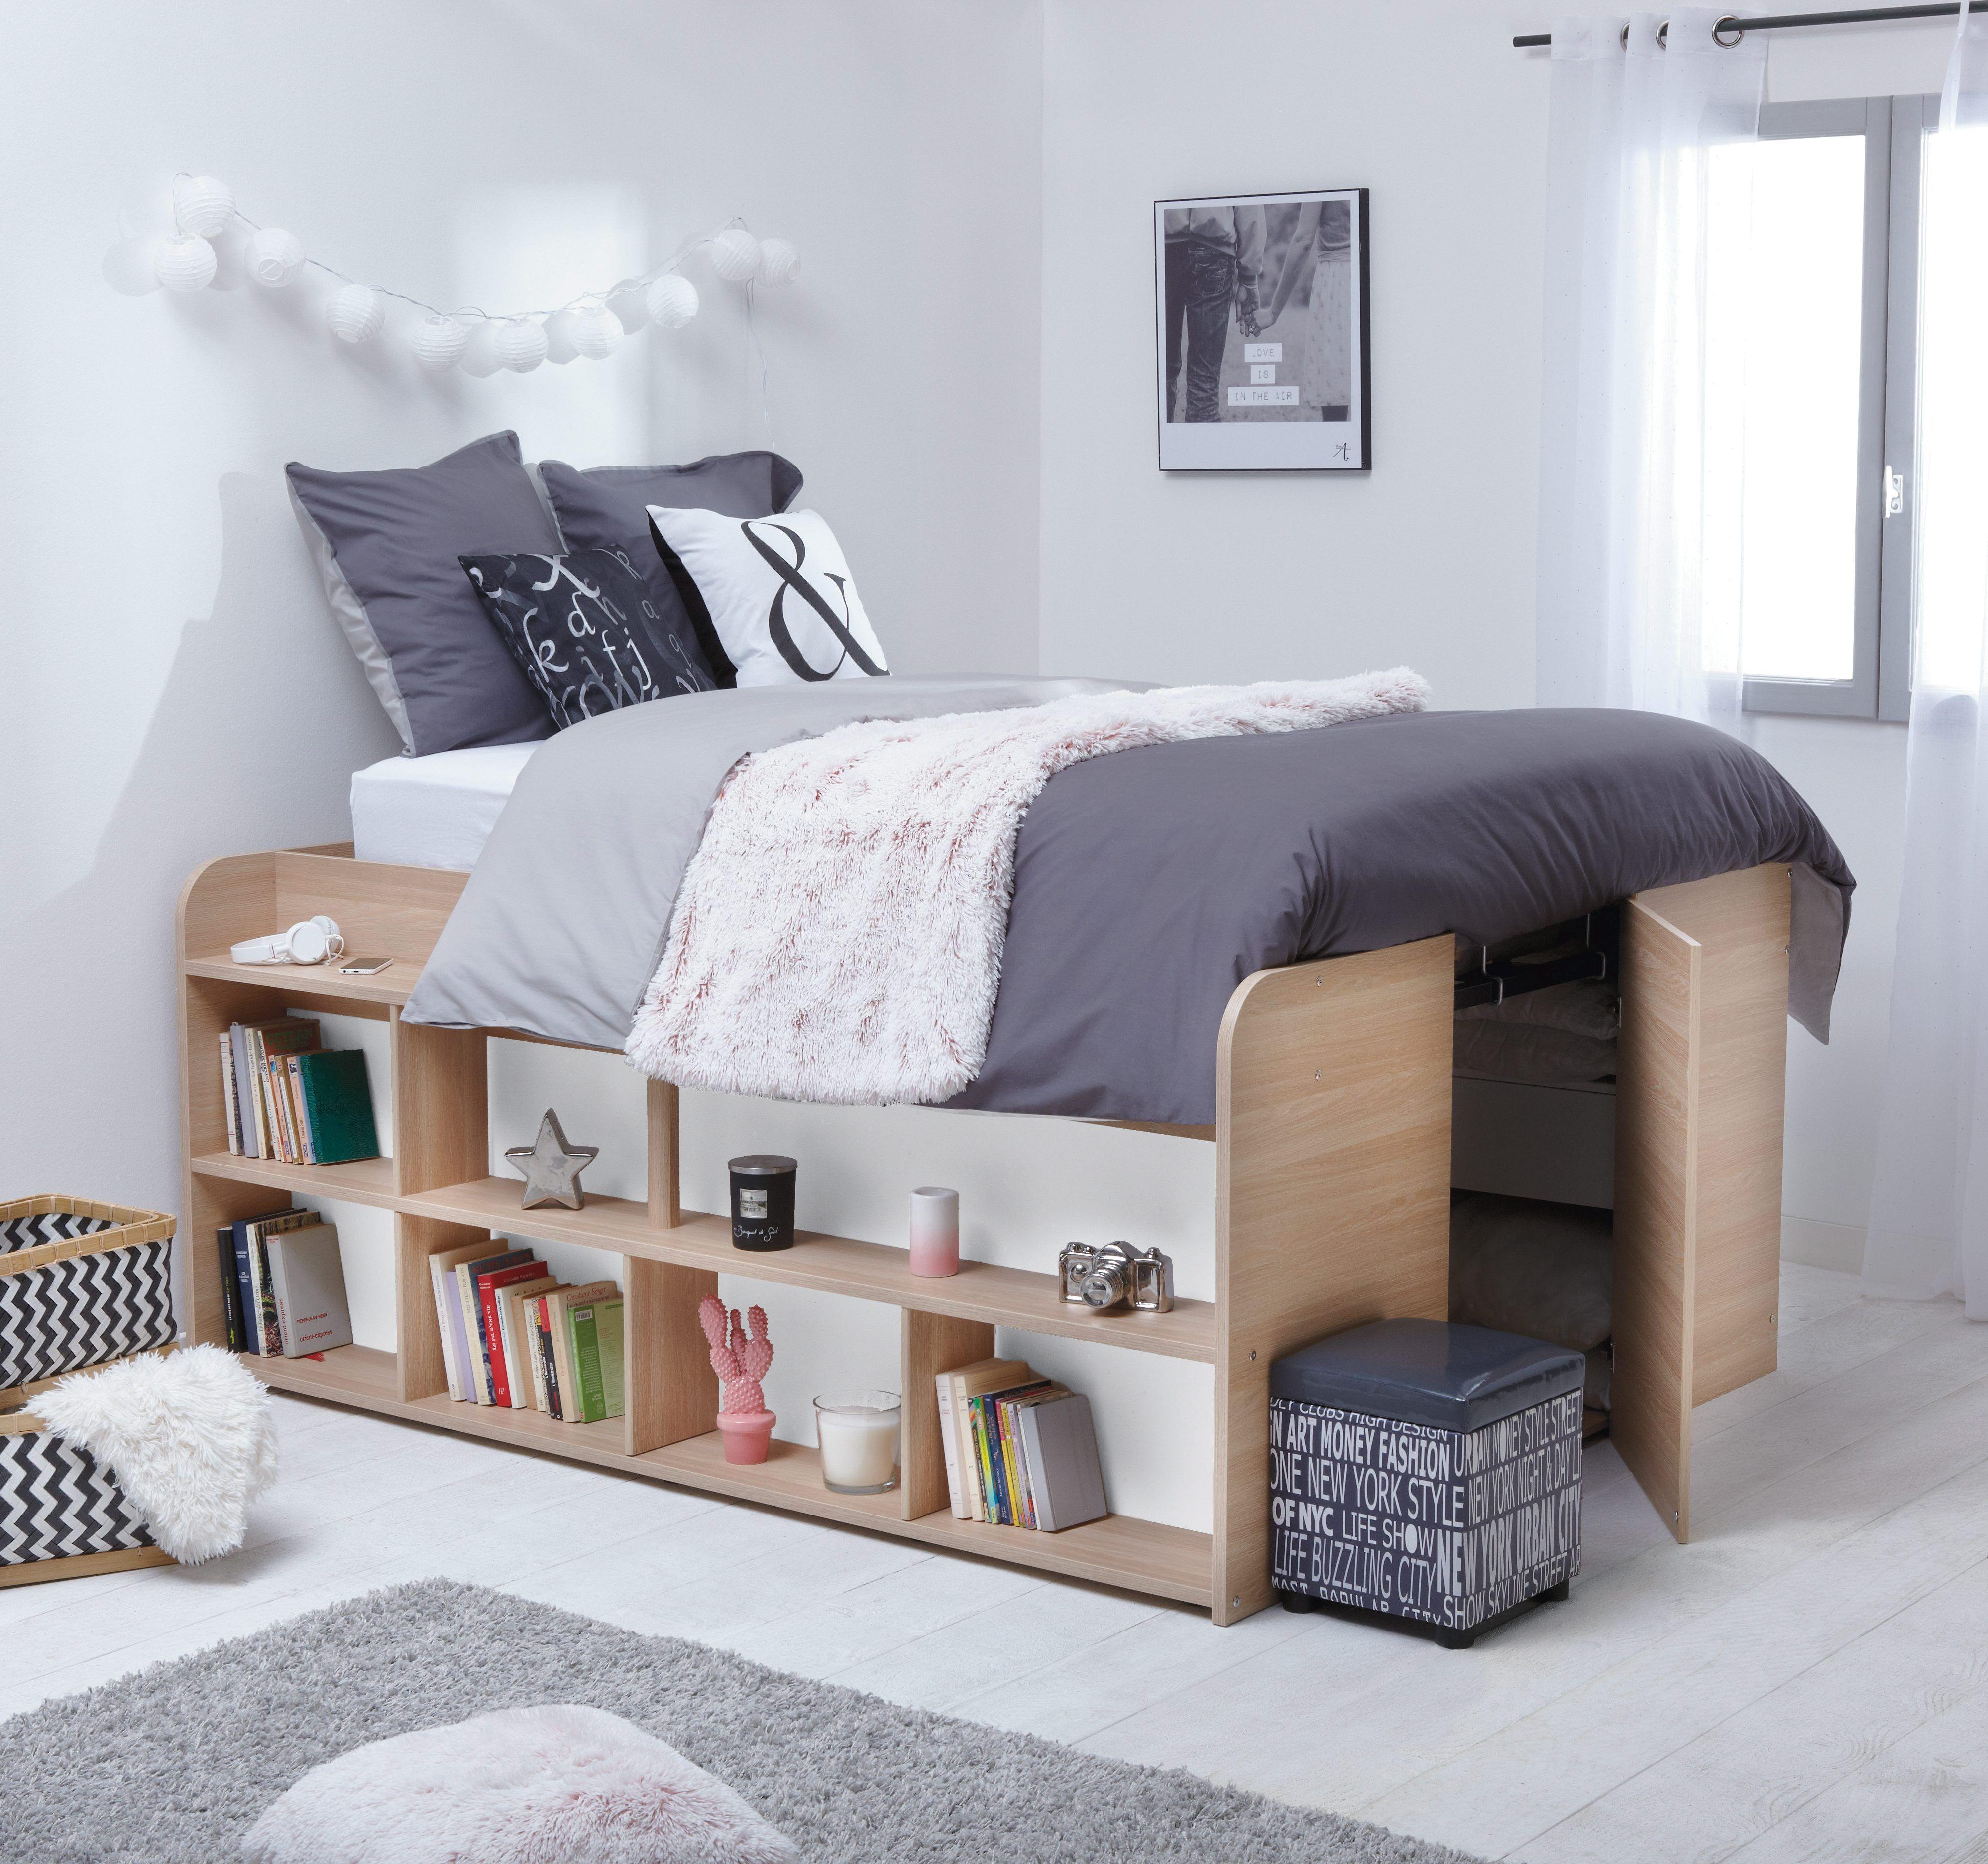 30 chambres d ado qui ont du style rangement sous le lit rangement et lits. Black Bedroom Furniture Sets. Home Design Ideas